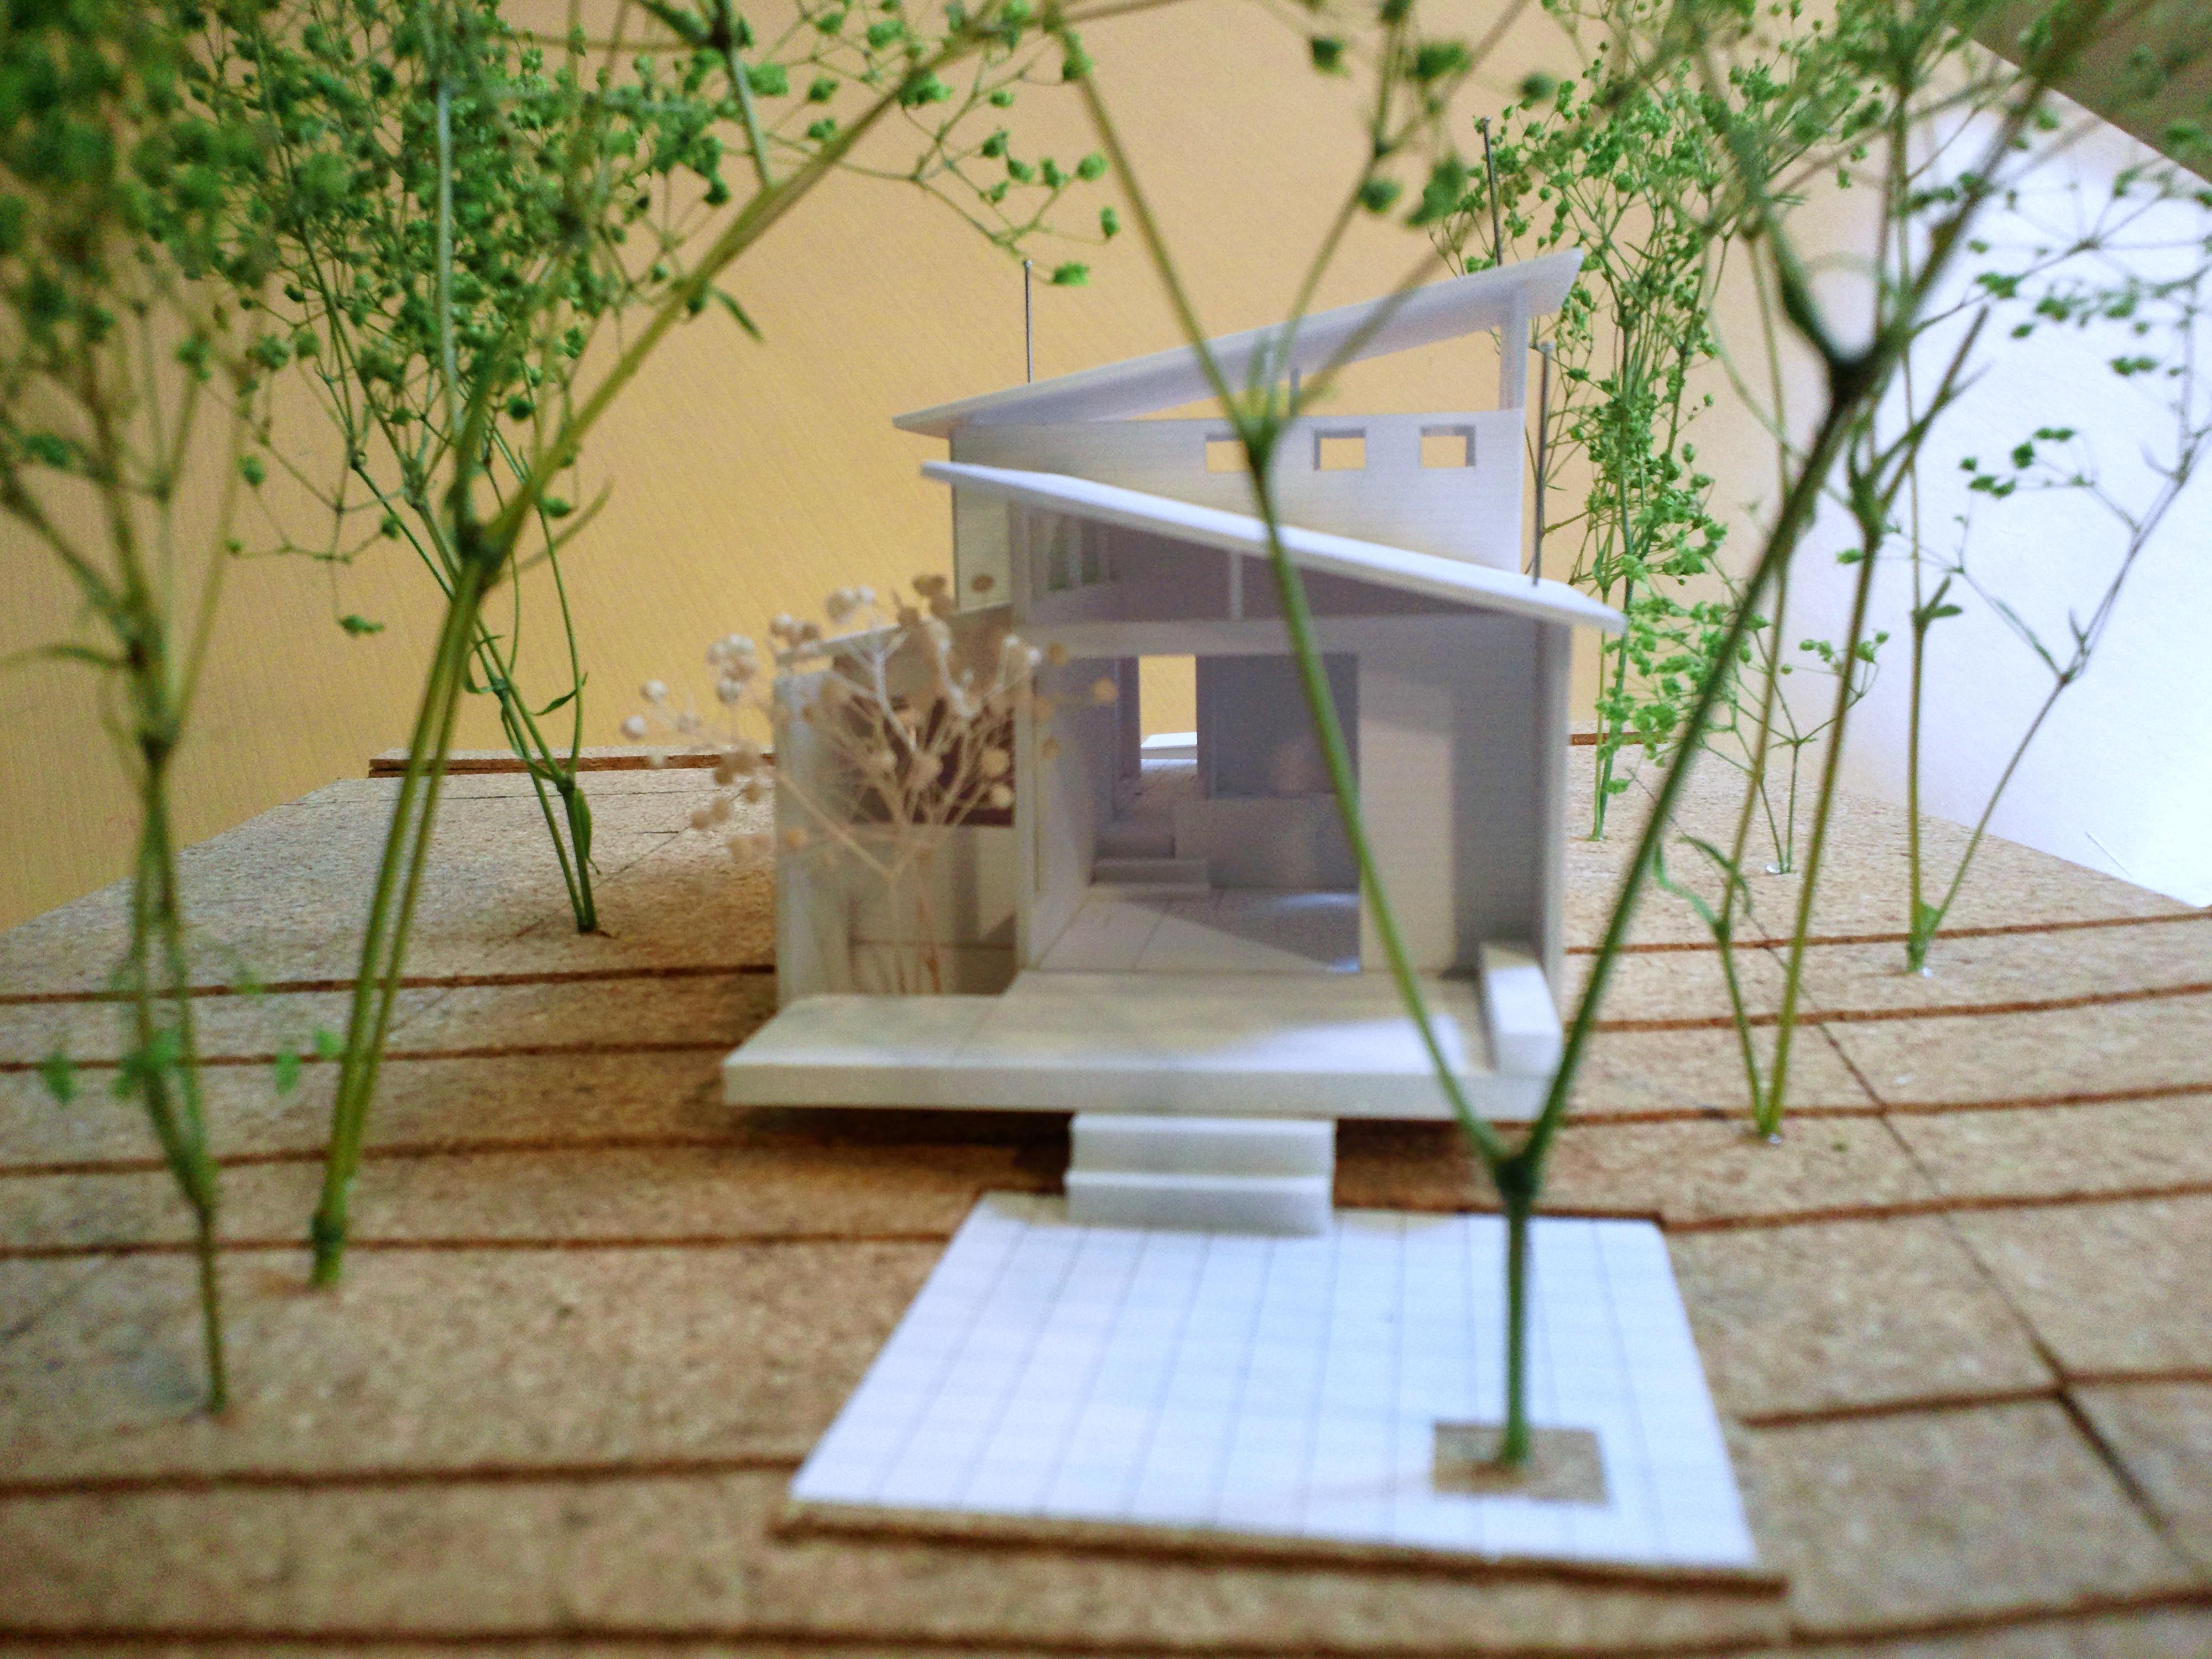 軽井沢の別荘のパース/模型/CG/スケッチなど